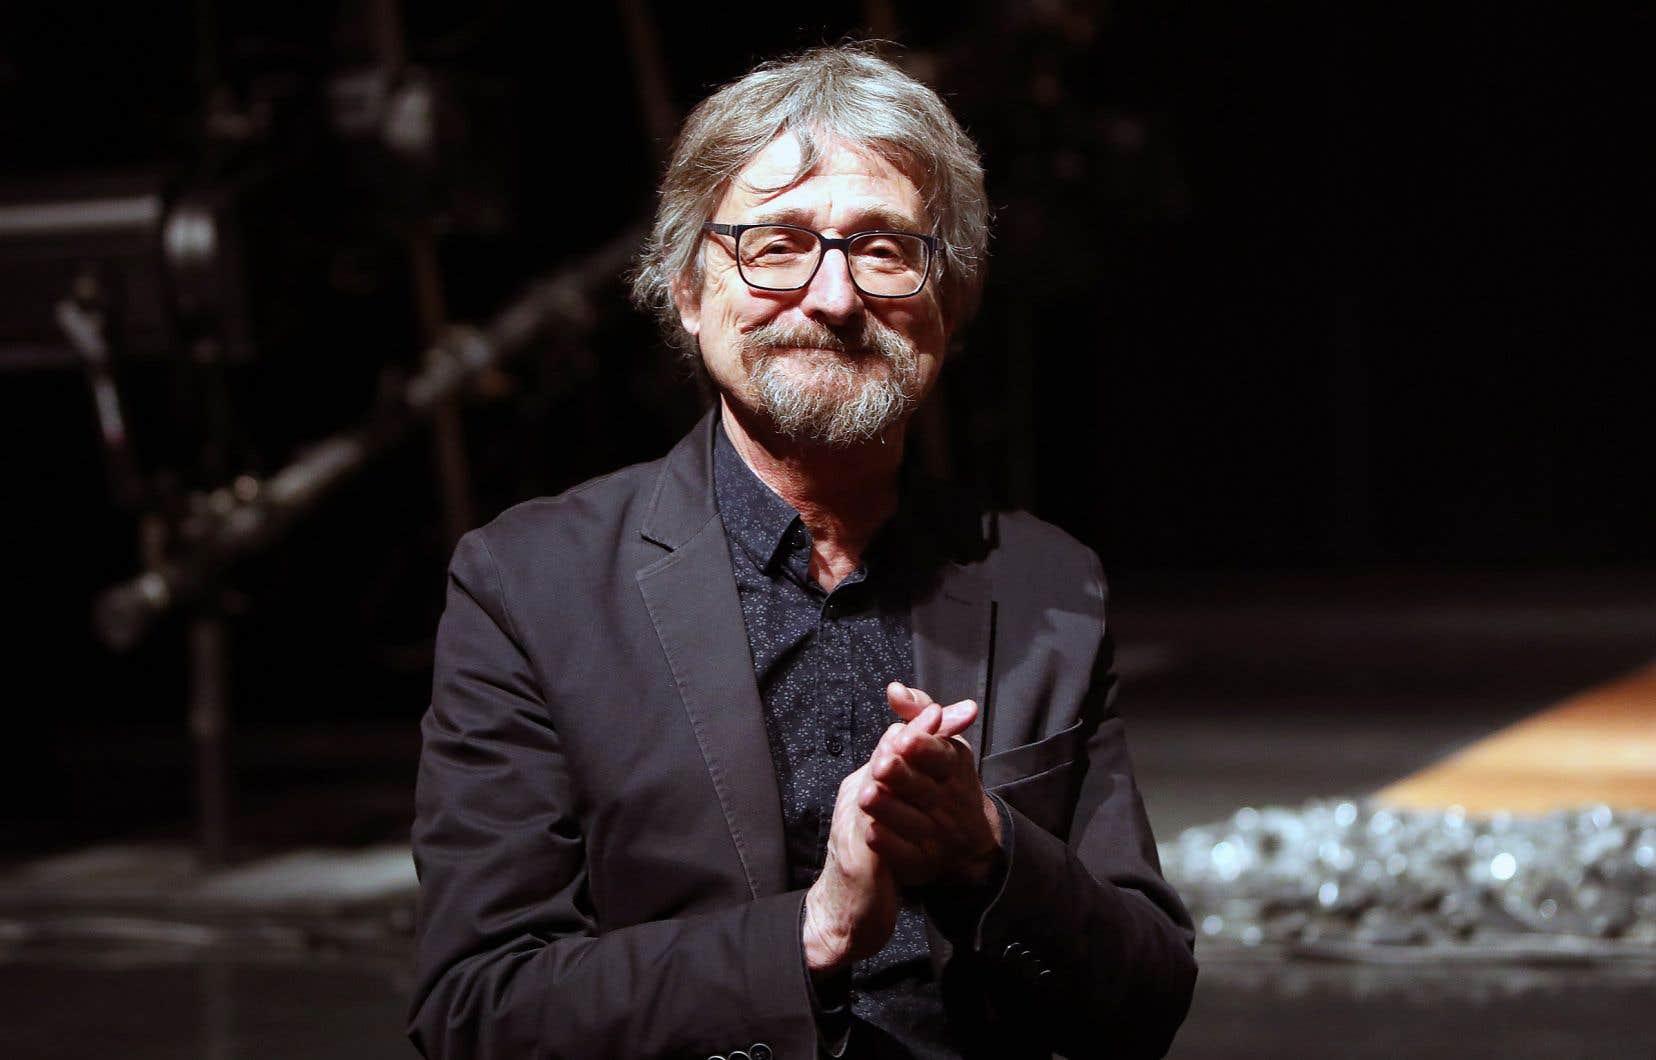 Selon le directeur de la Maison Théâtre, Alain Grégoire, la pièce réunit tout le pouvoir qu'a le théâtre de nous emporter, de nous faire réfléchir, de permettre d'avoir un recul sur ce qui se passe dans la vie.